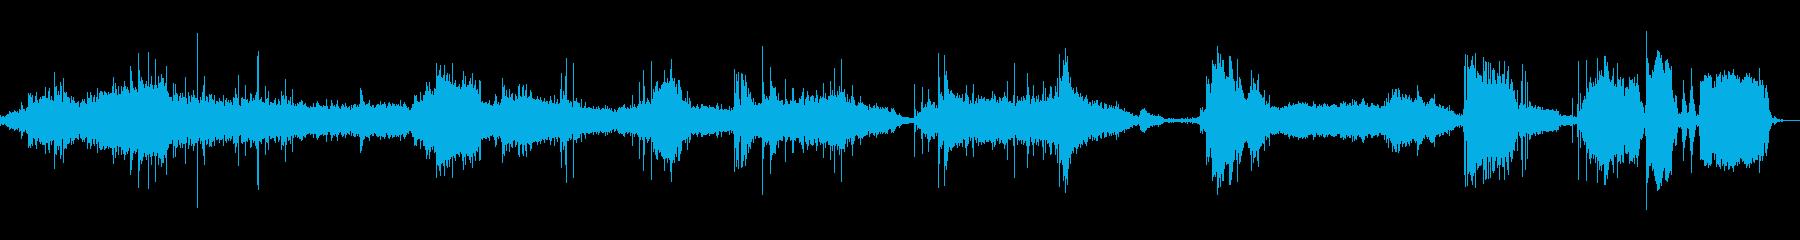 機械グリッチ大型機械式コンピュータ...の再生済みの波形